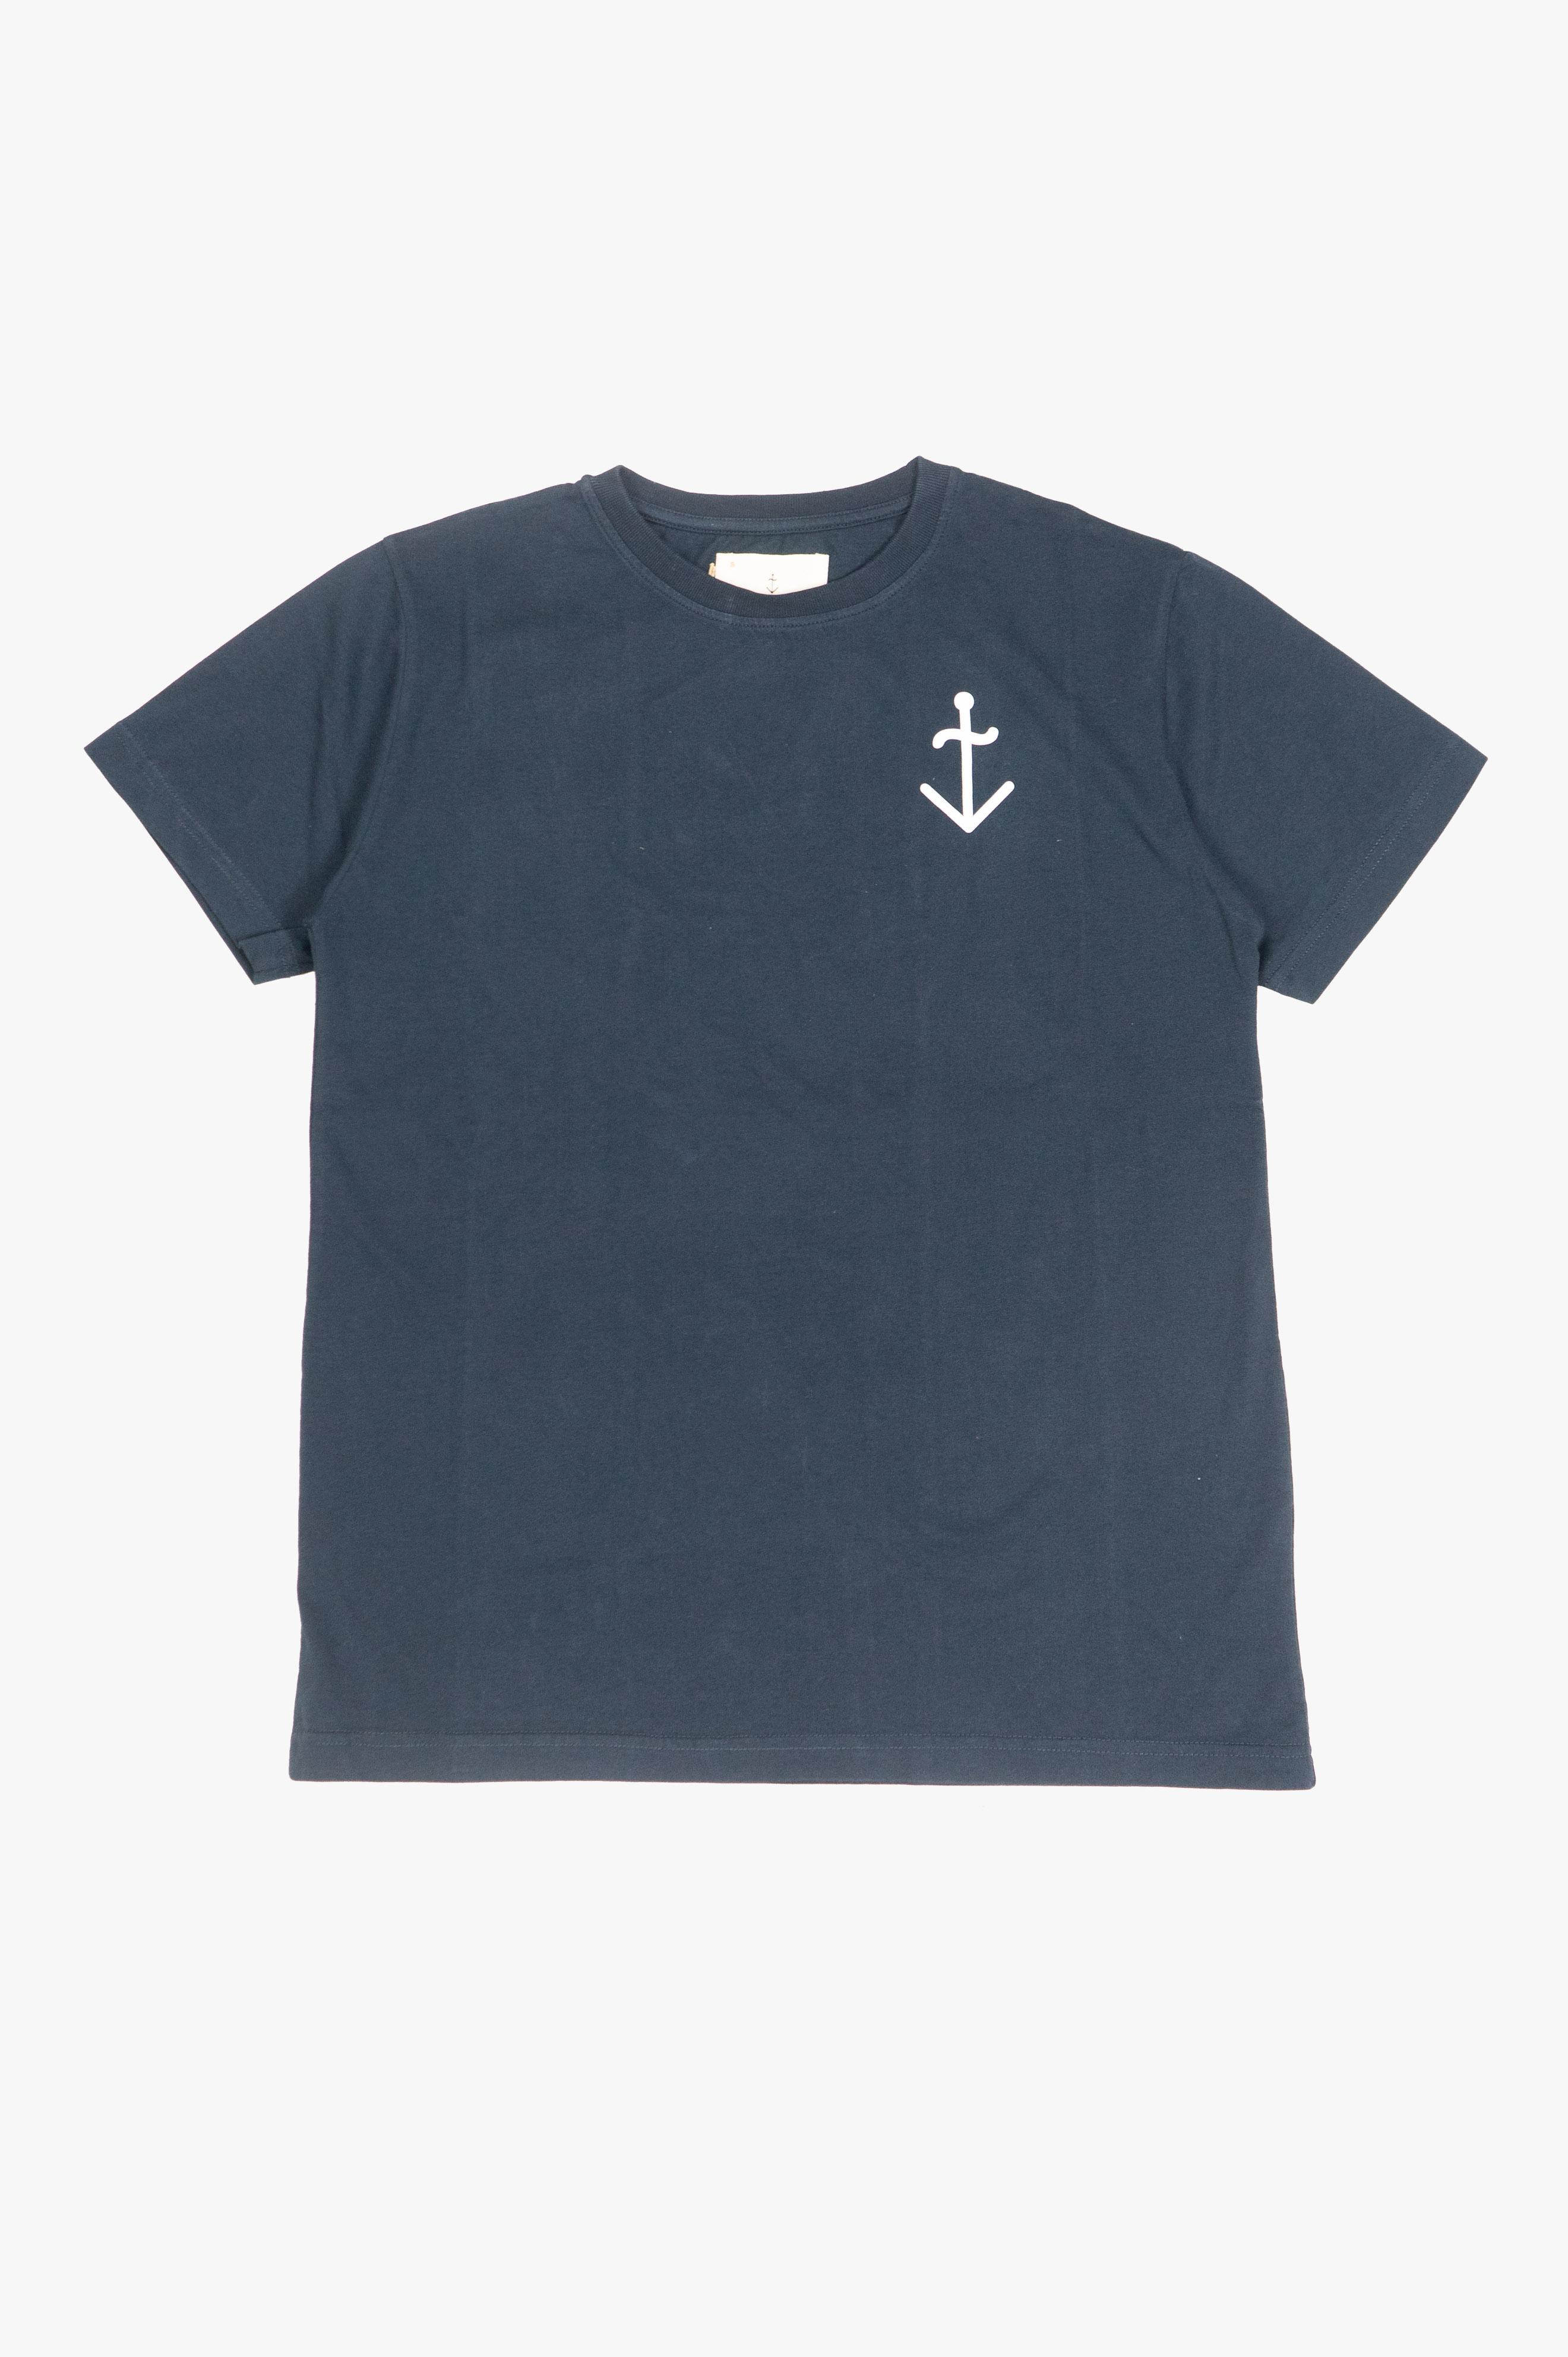 Dantas T-Shirt Navy